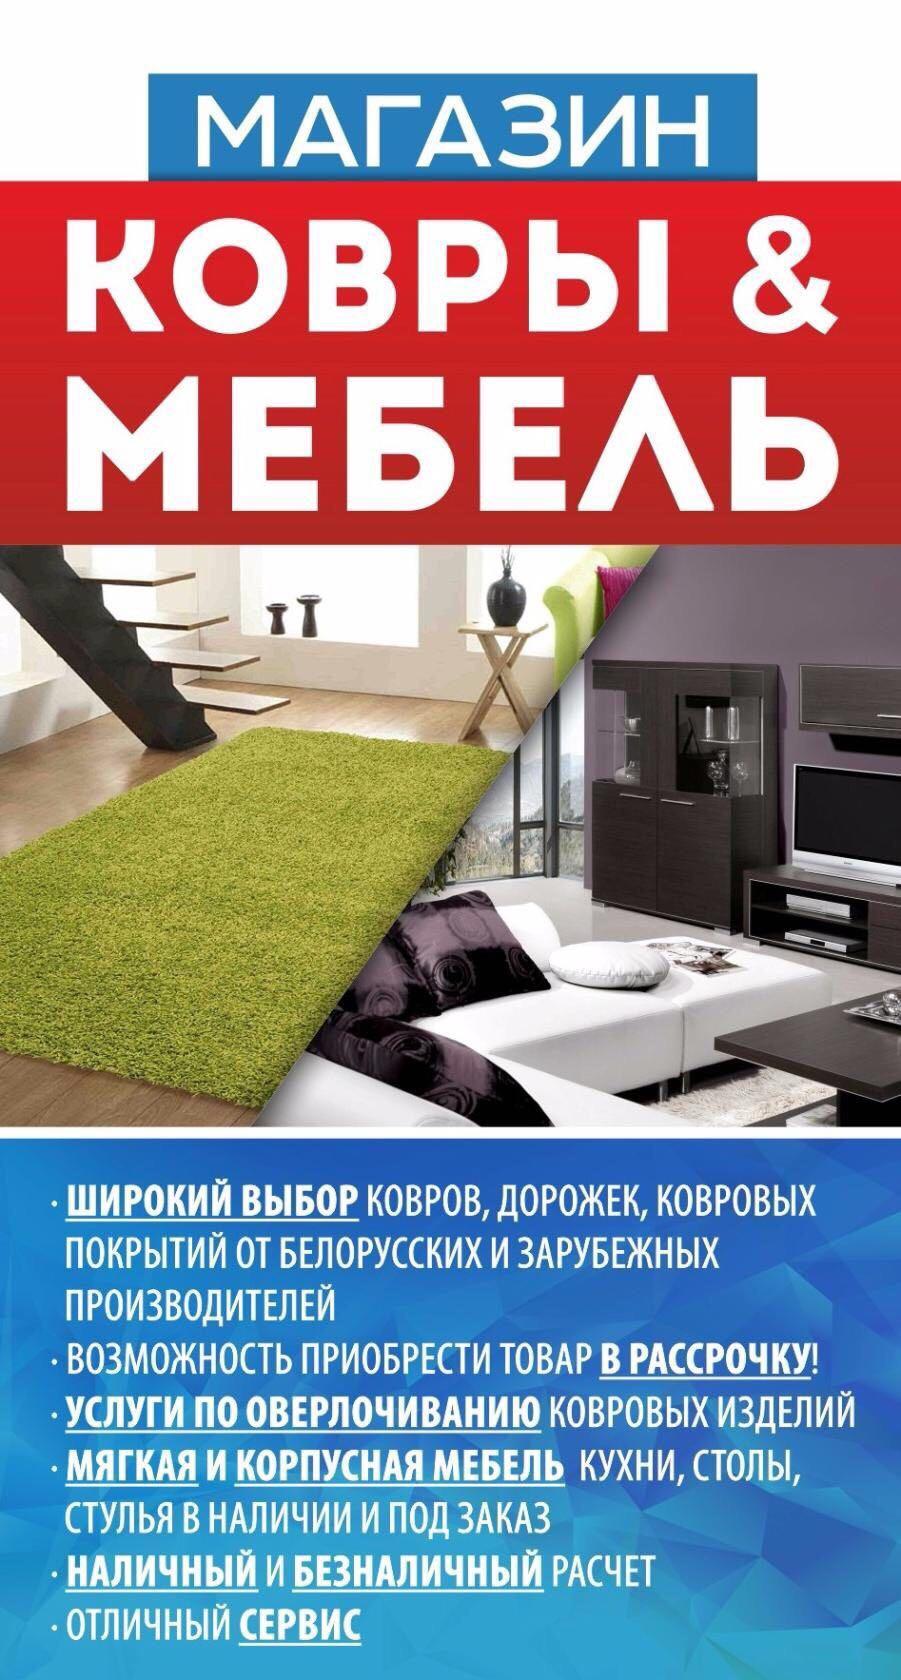 Летняя акция от ООО «Богатырь»